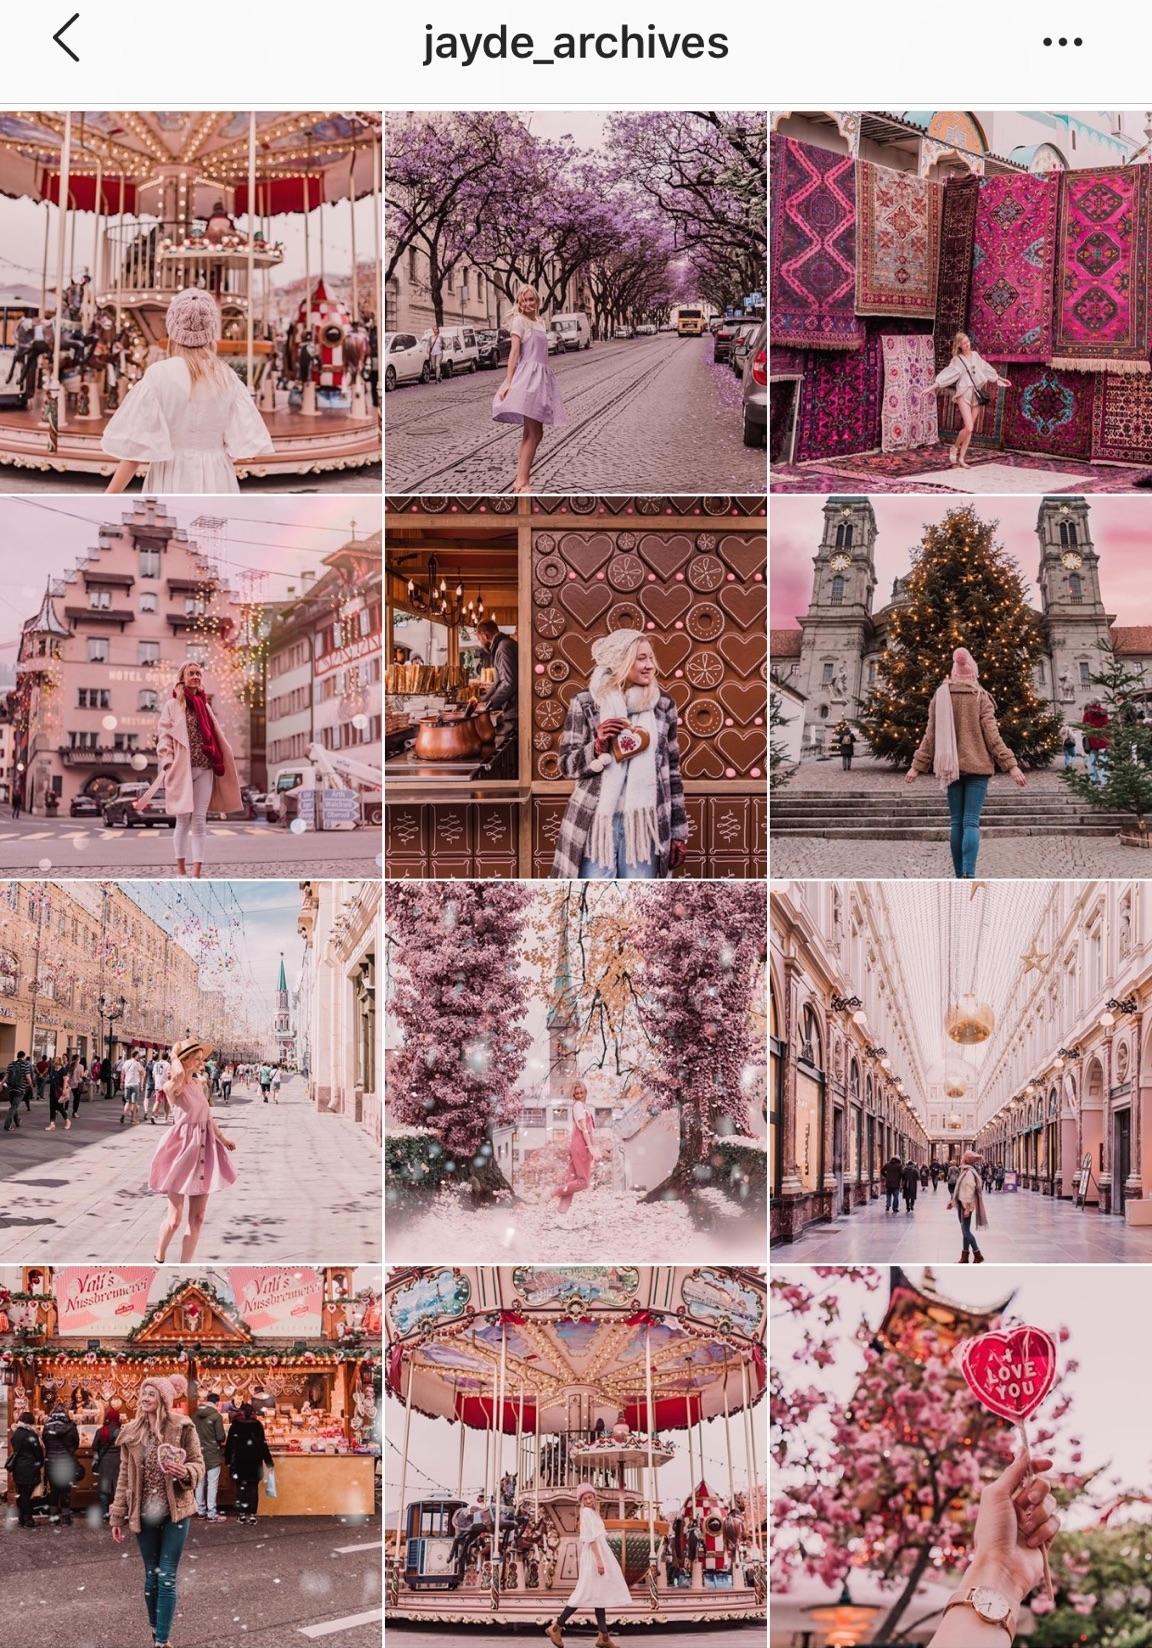 Gambar Aesthetic Instagram Dunia Gambar